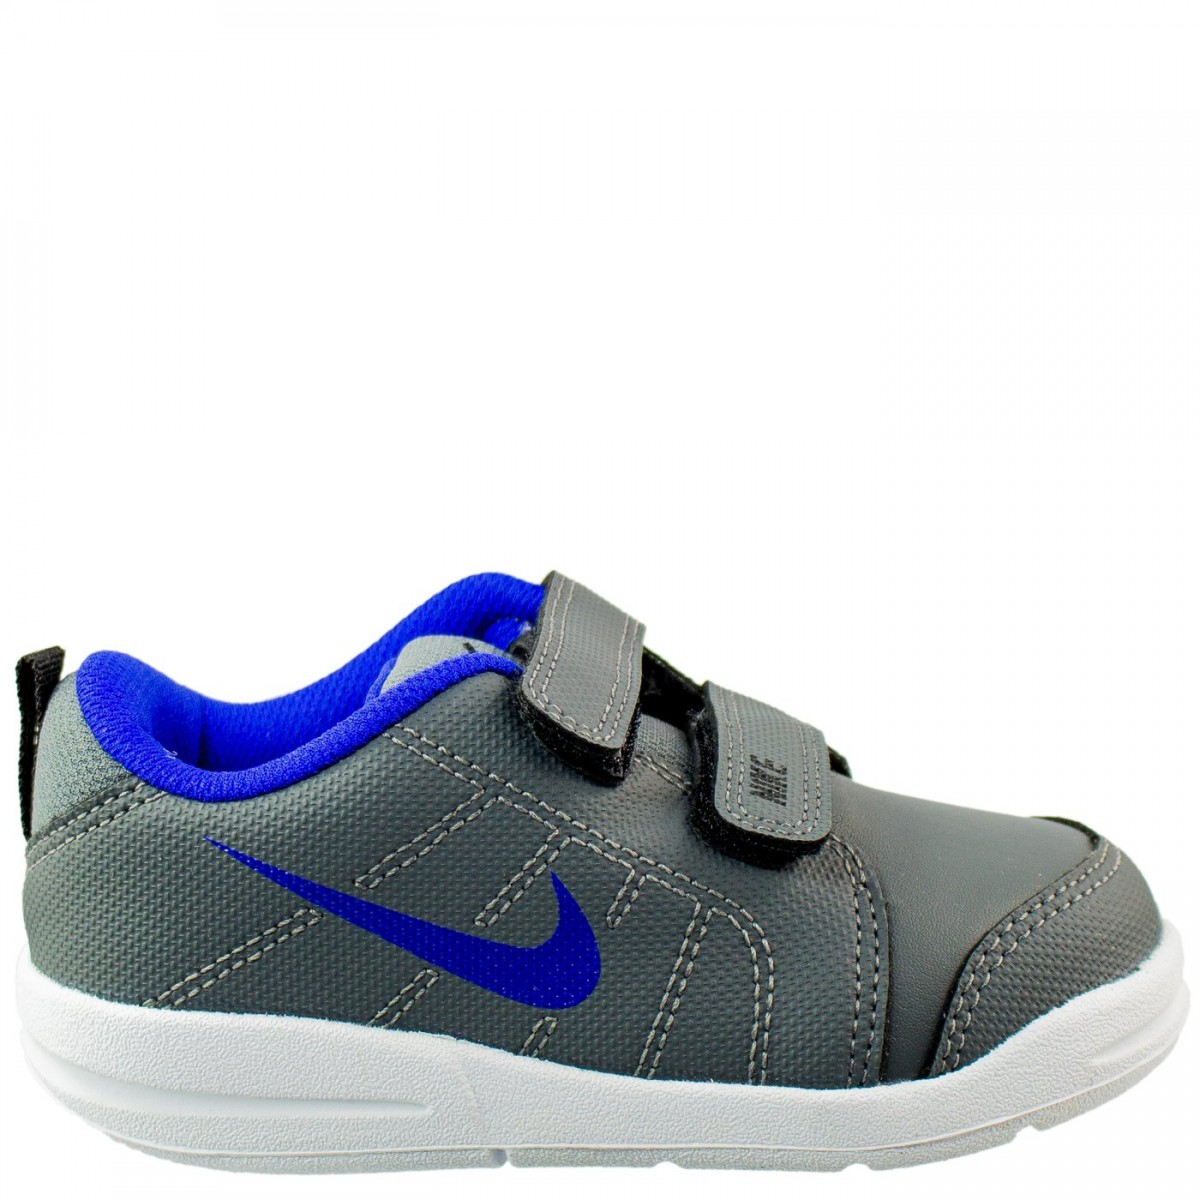 9c8ea61b2fd Bizz Store - Tênis Masculino Nike Pico LT Infantil